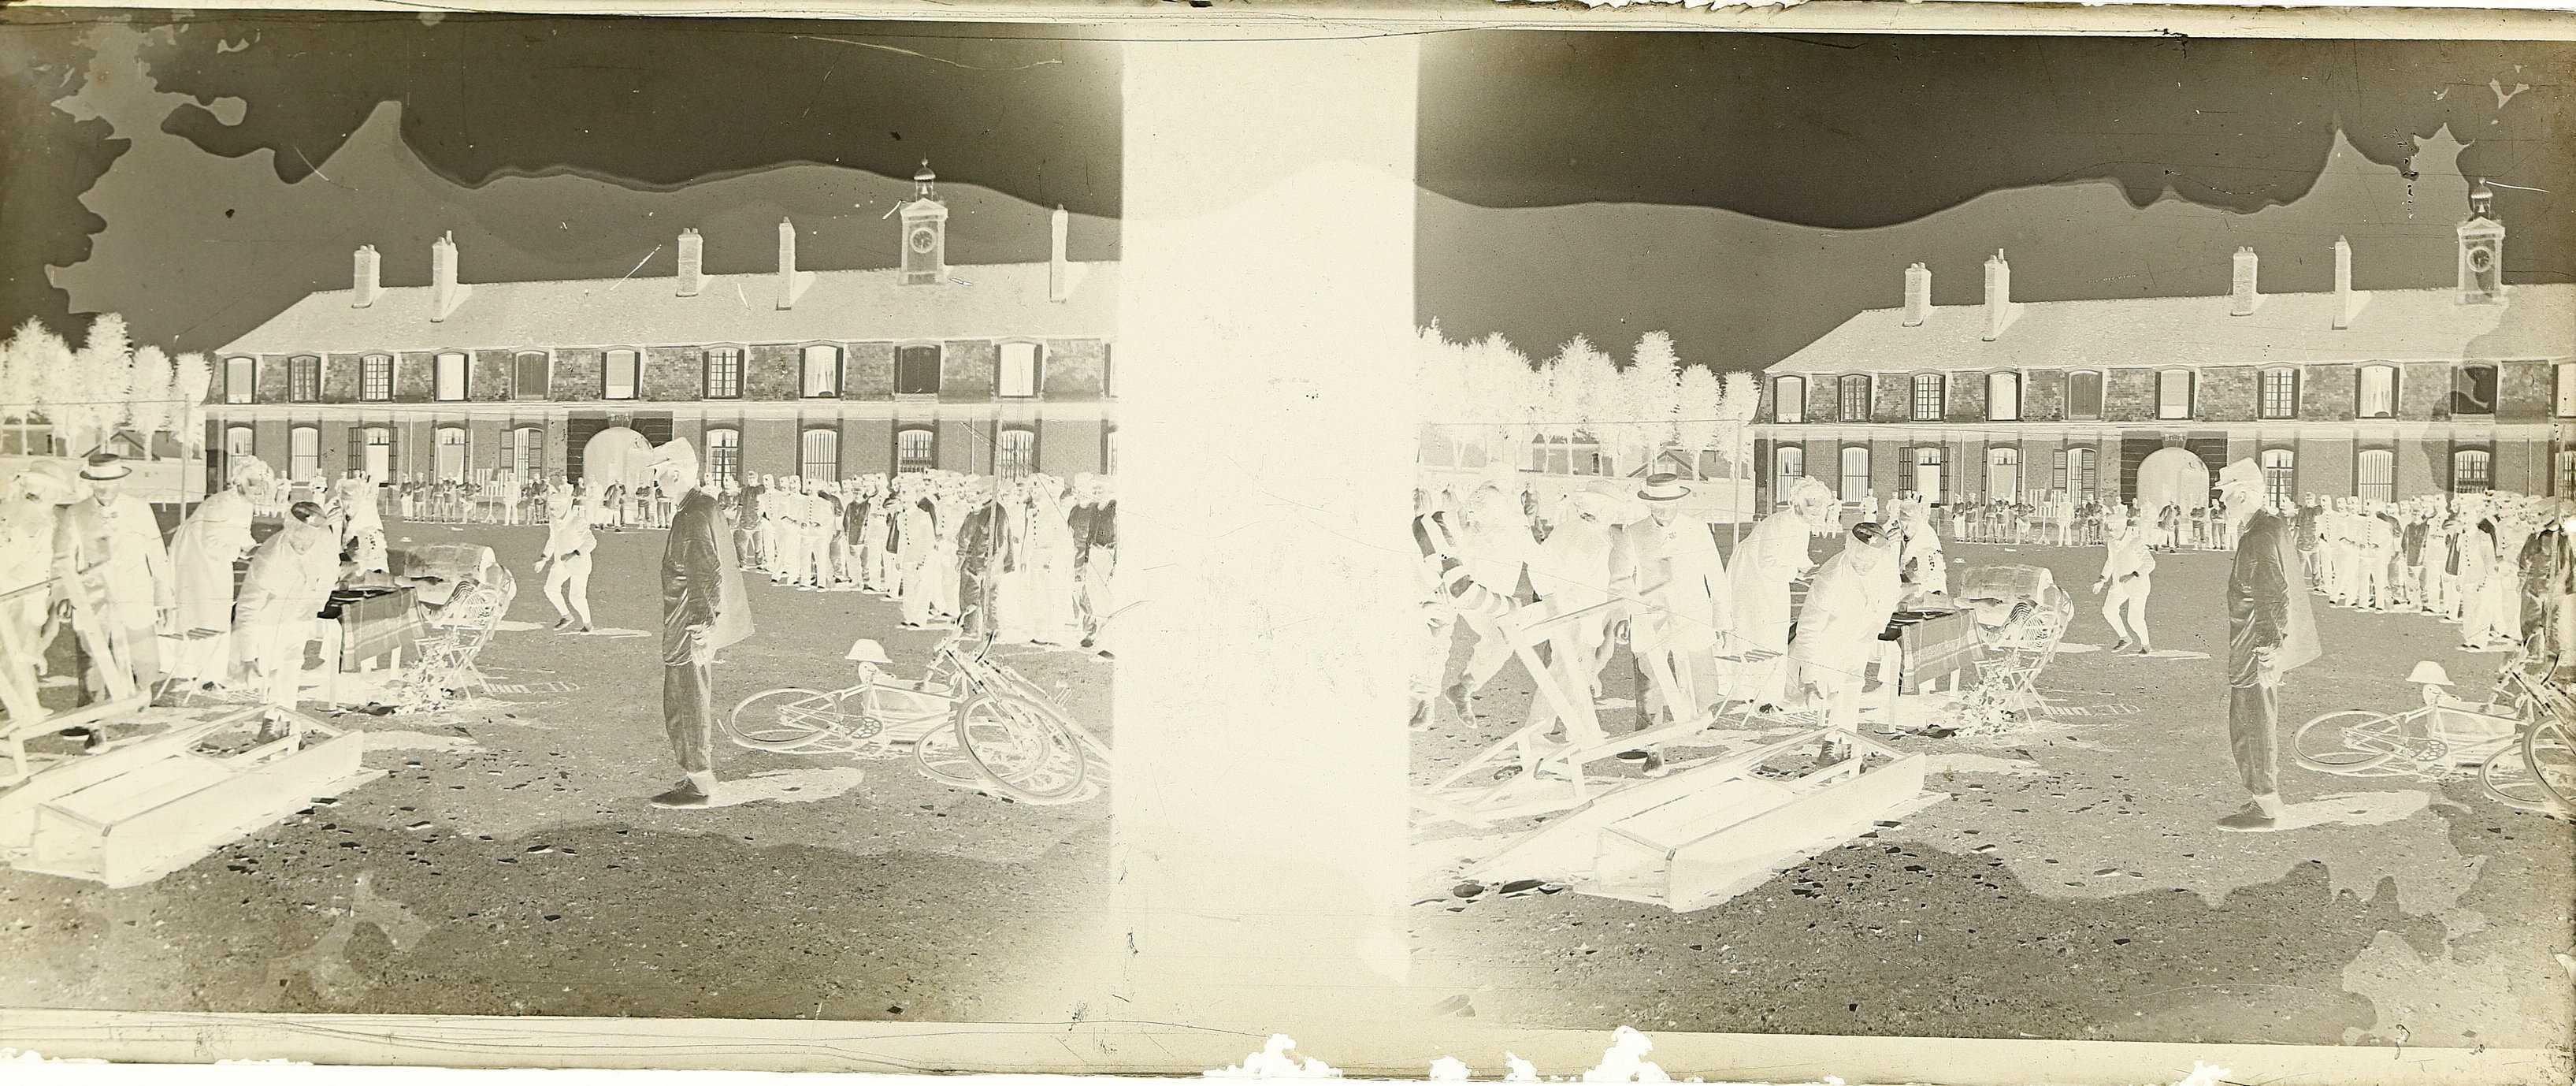 Soldats déguisés jouant une pièce de théâtre dans la cour d'une caserne